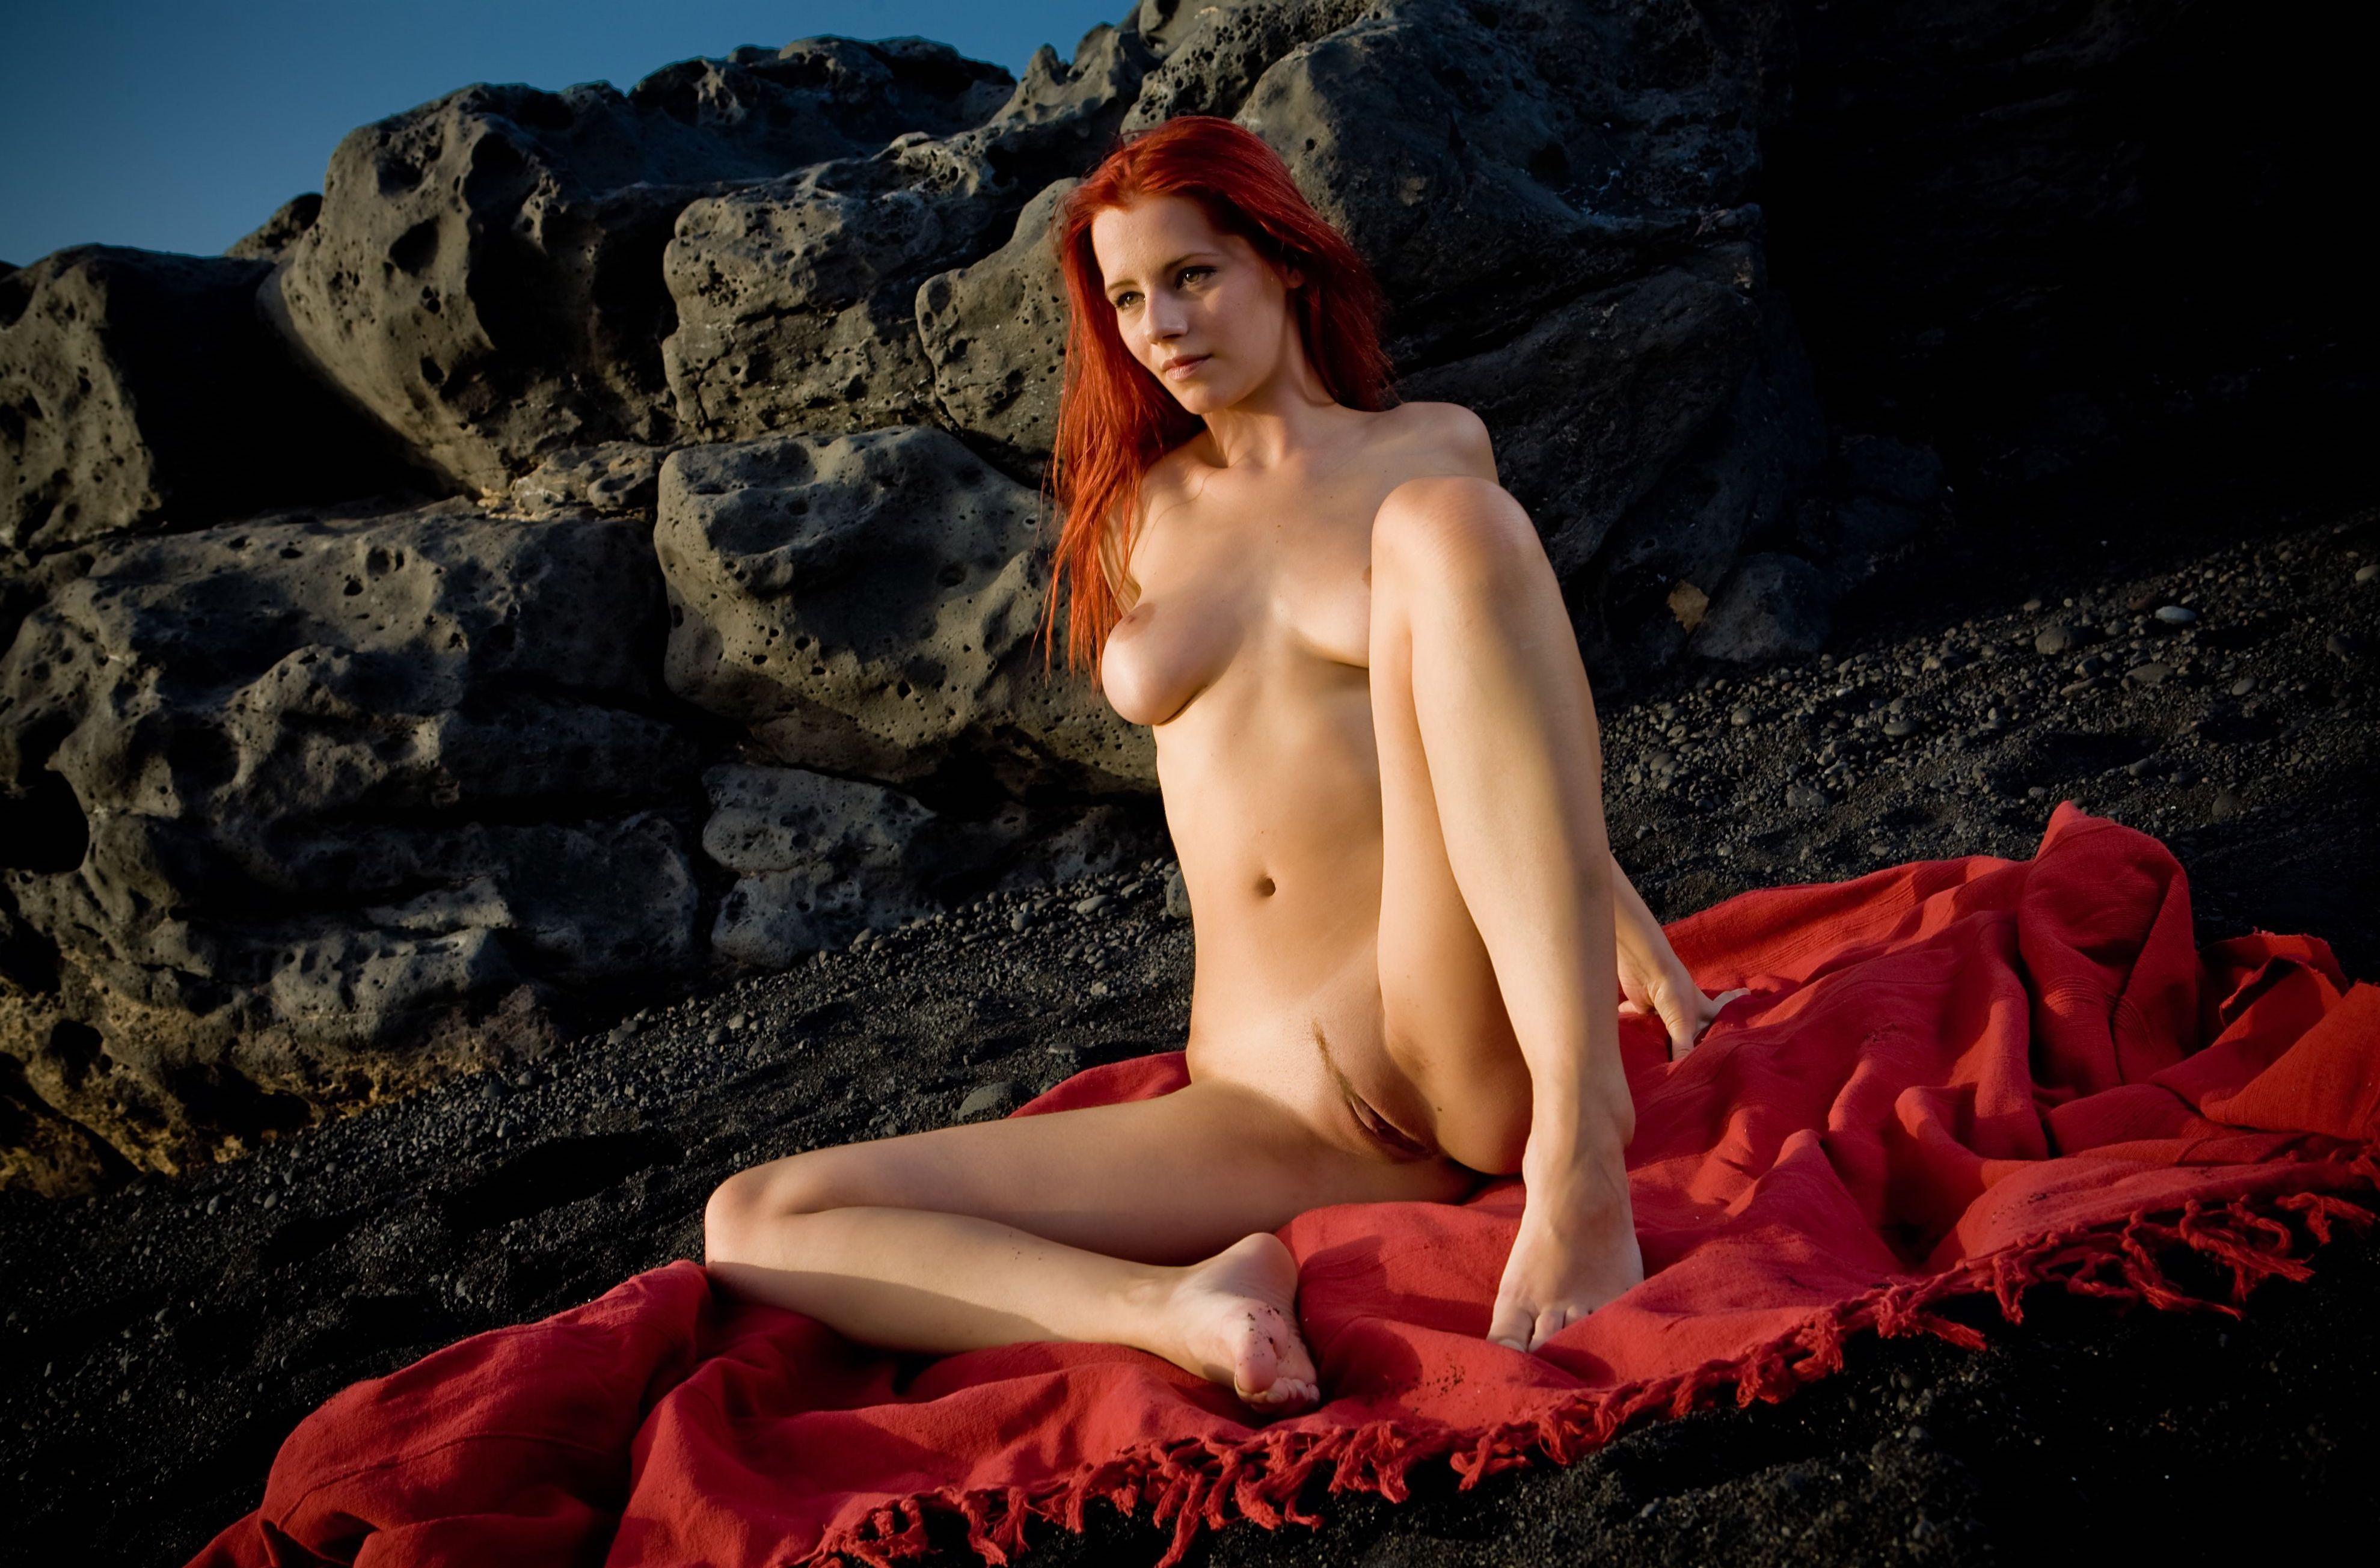 rizhaya-ariel-foto-erotika-porno-s-blondinkami-s-dvoynim-proniknoveniem